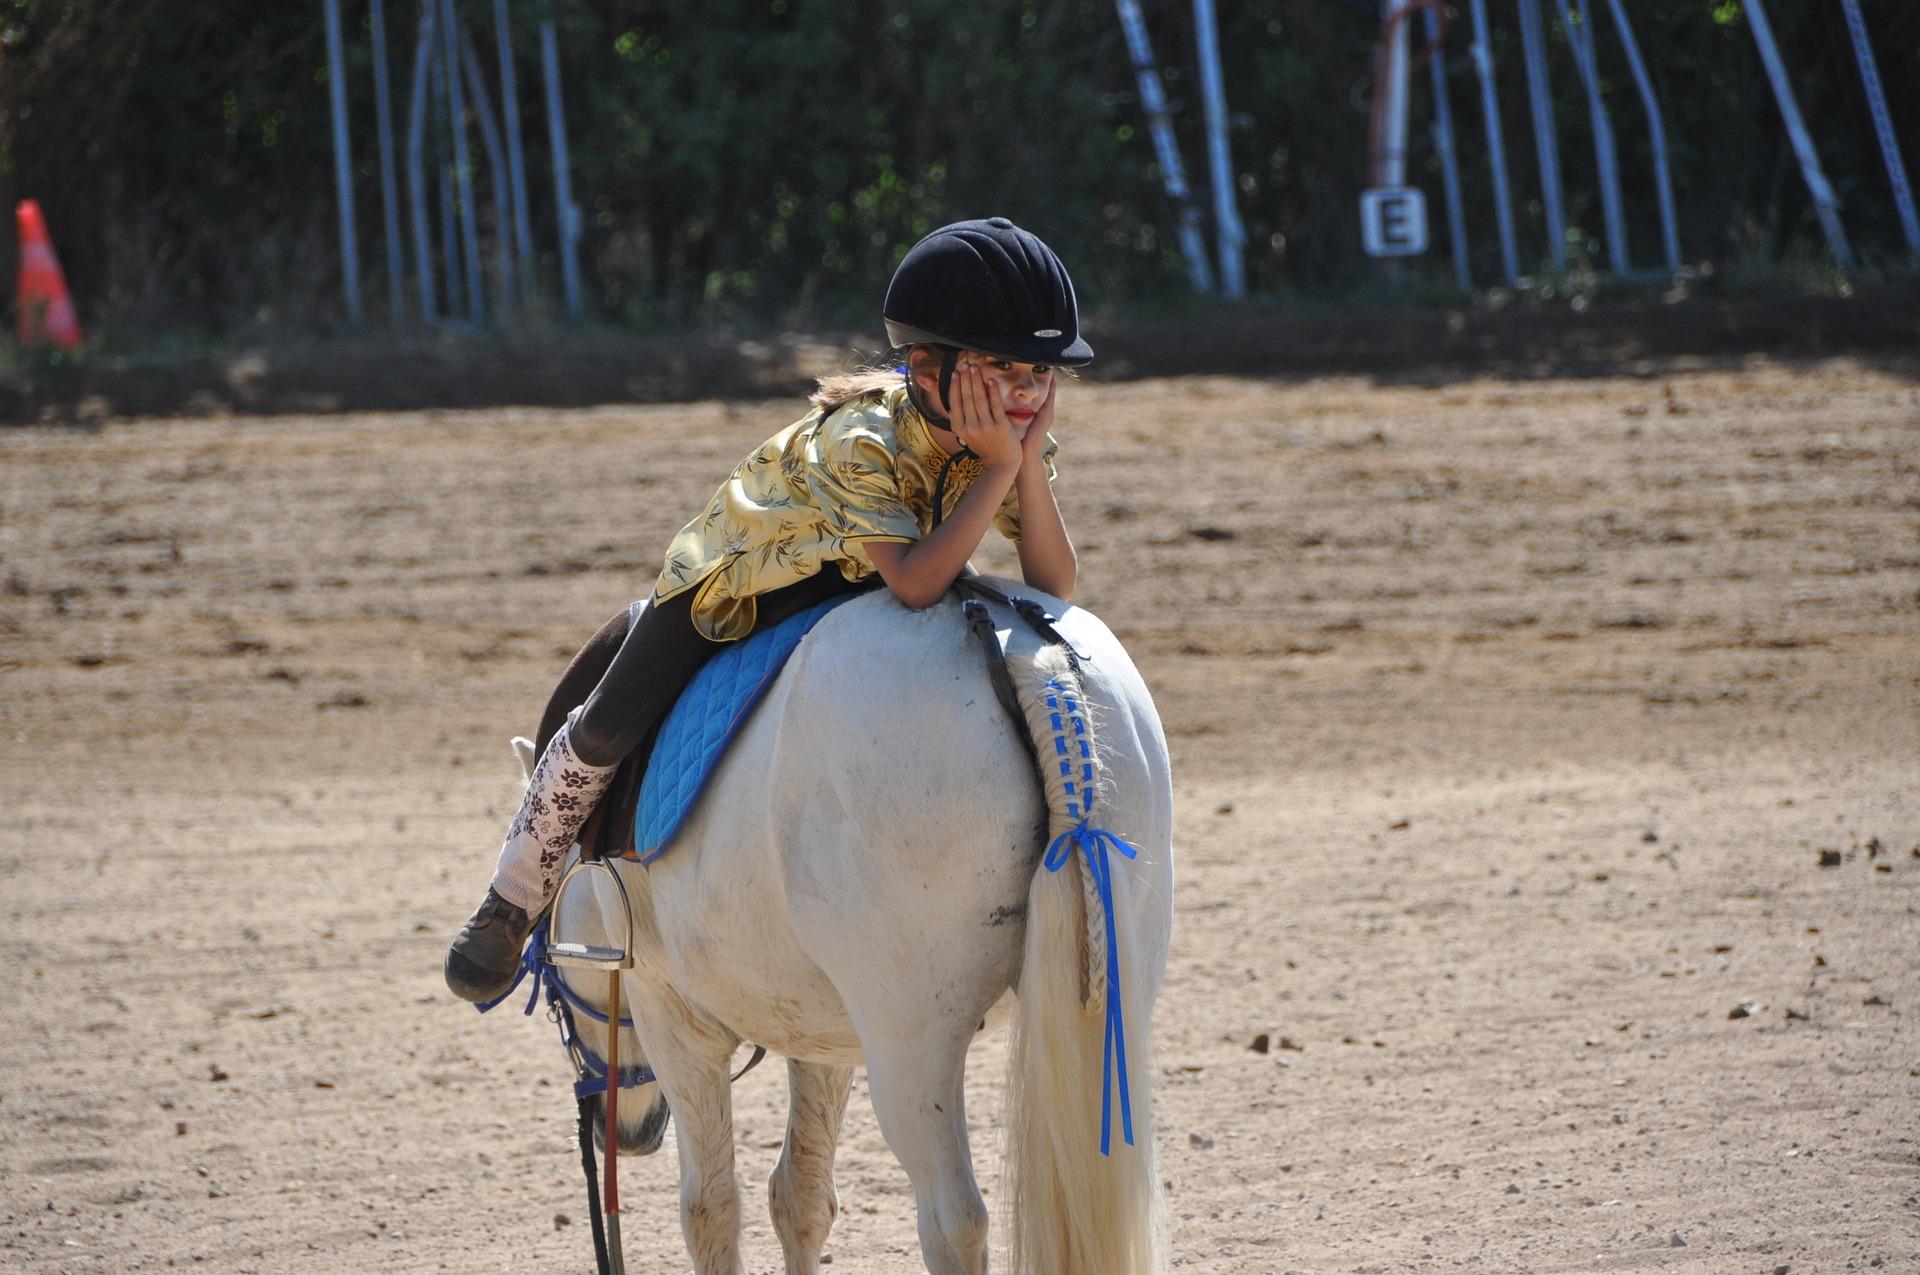 Kind nachdenklich auf Pferd, Wünsche